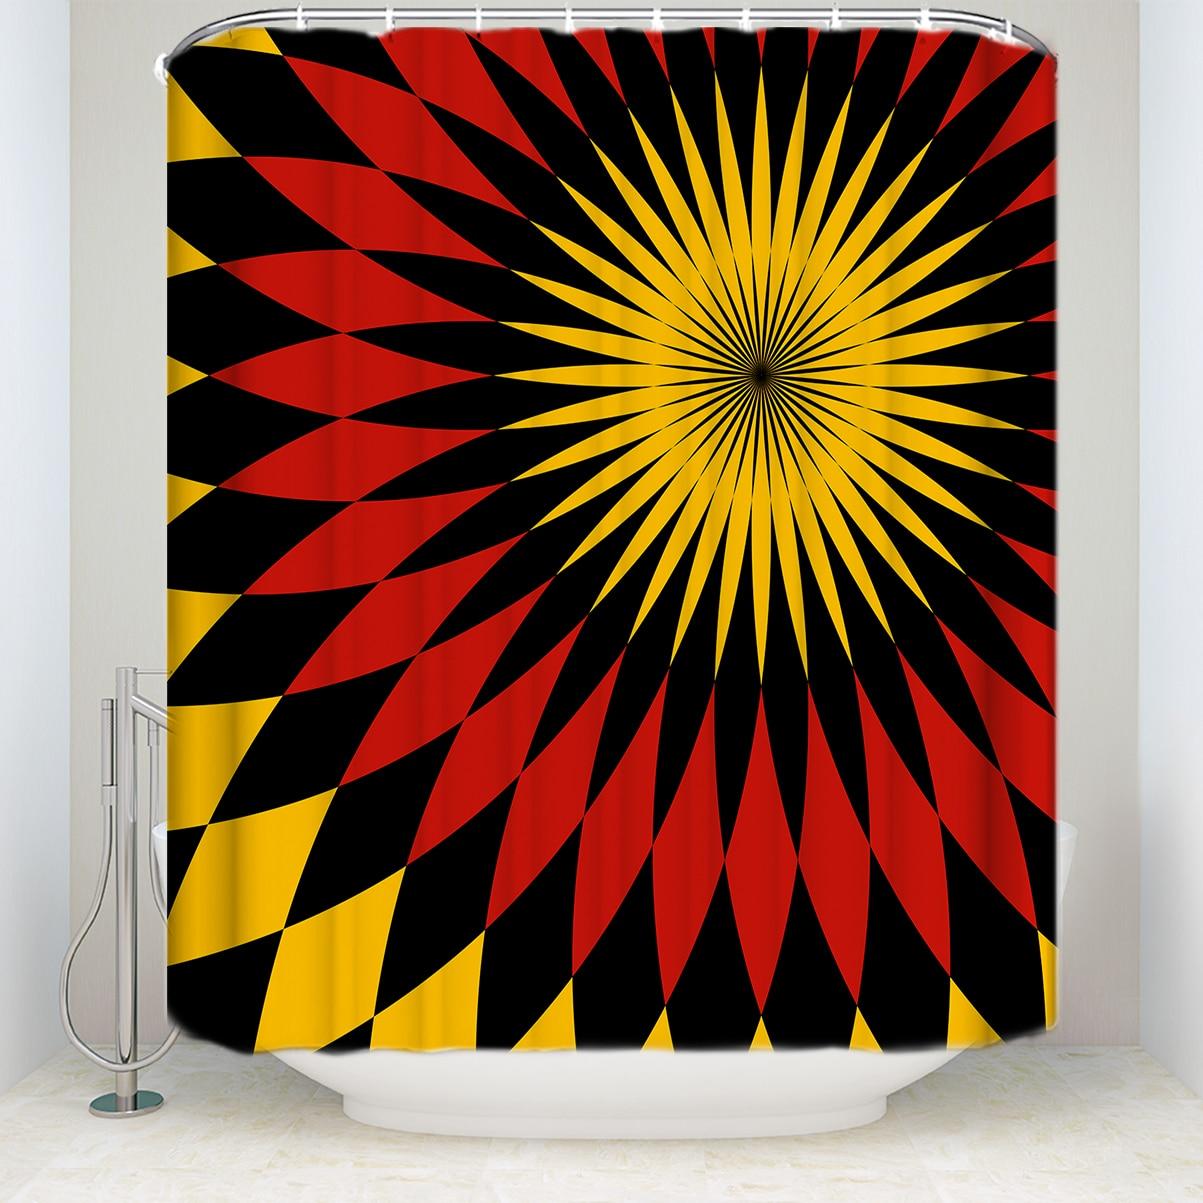 ¡Novedad! Cortina de ducha con diseño étnico resistente al agua, cortinas de baño Rojas, negras y amarillas de tela de poliéster para decoración del hogar